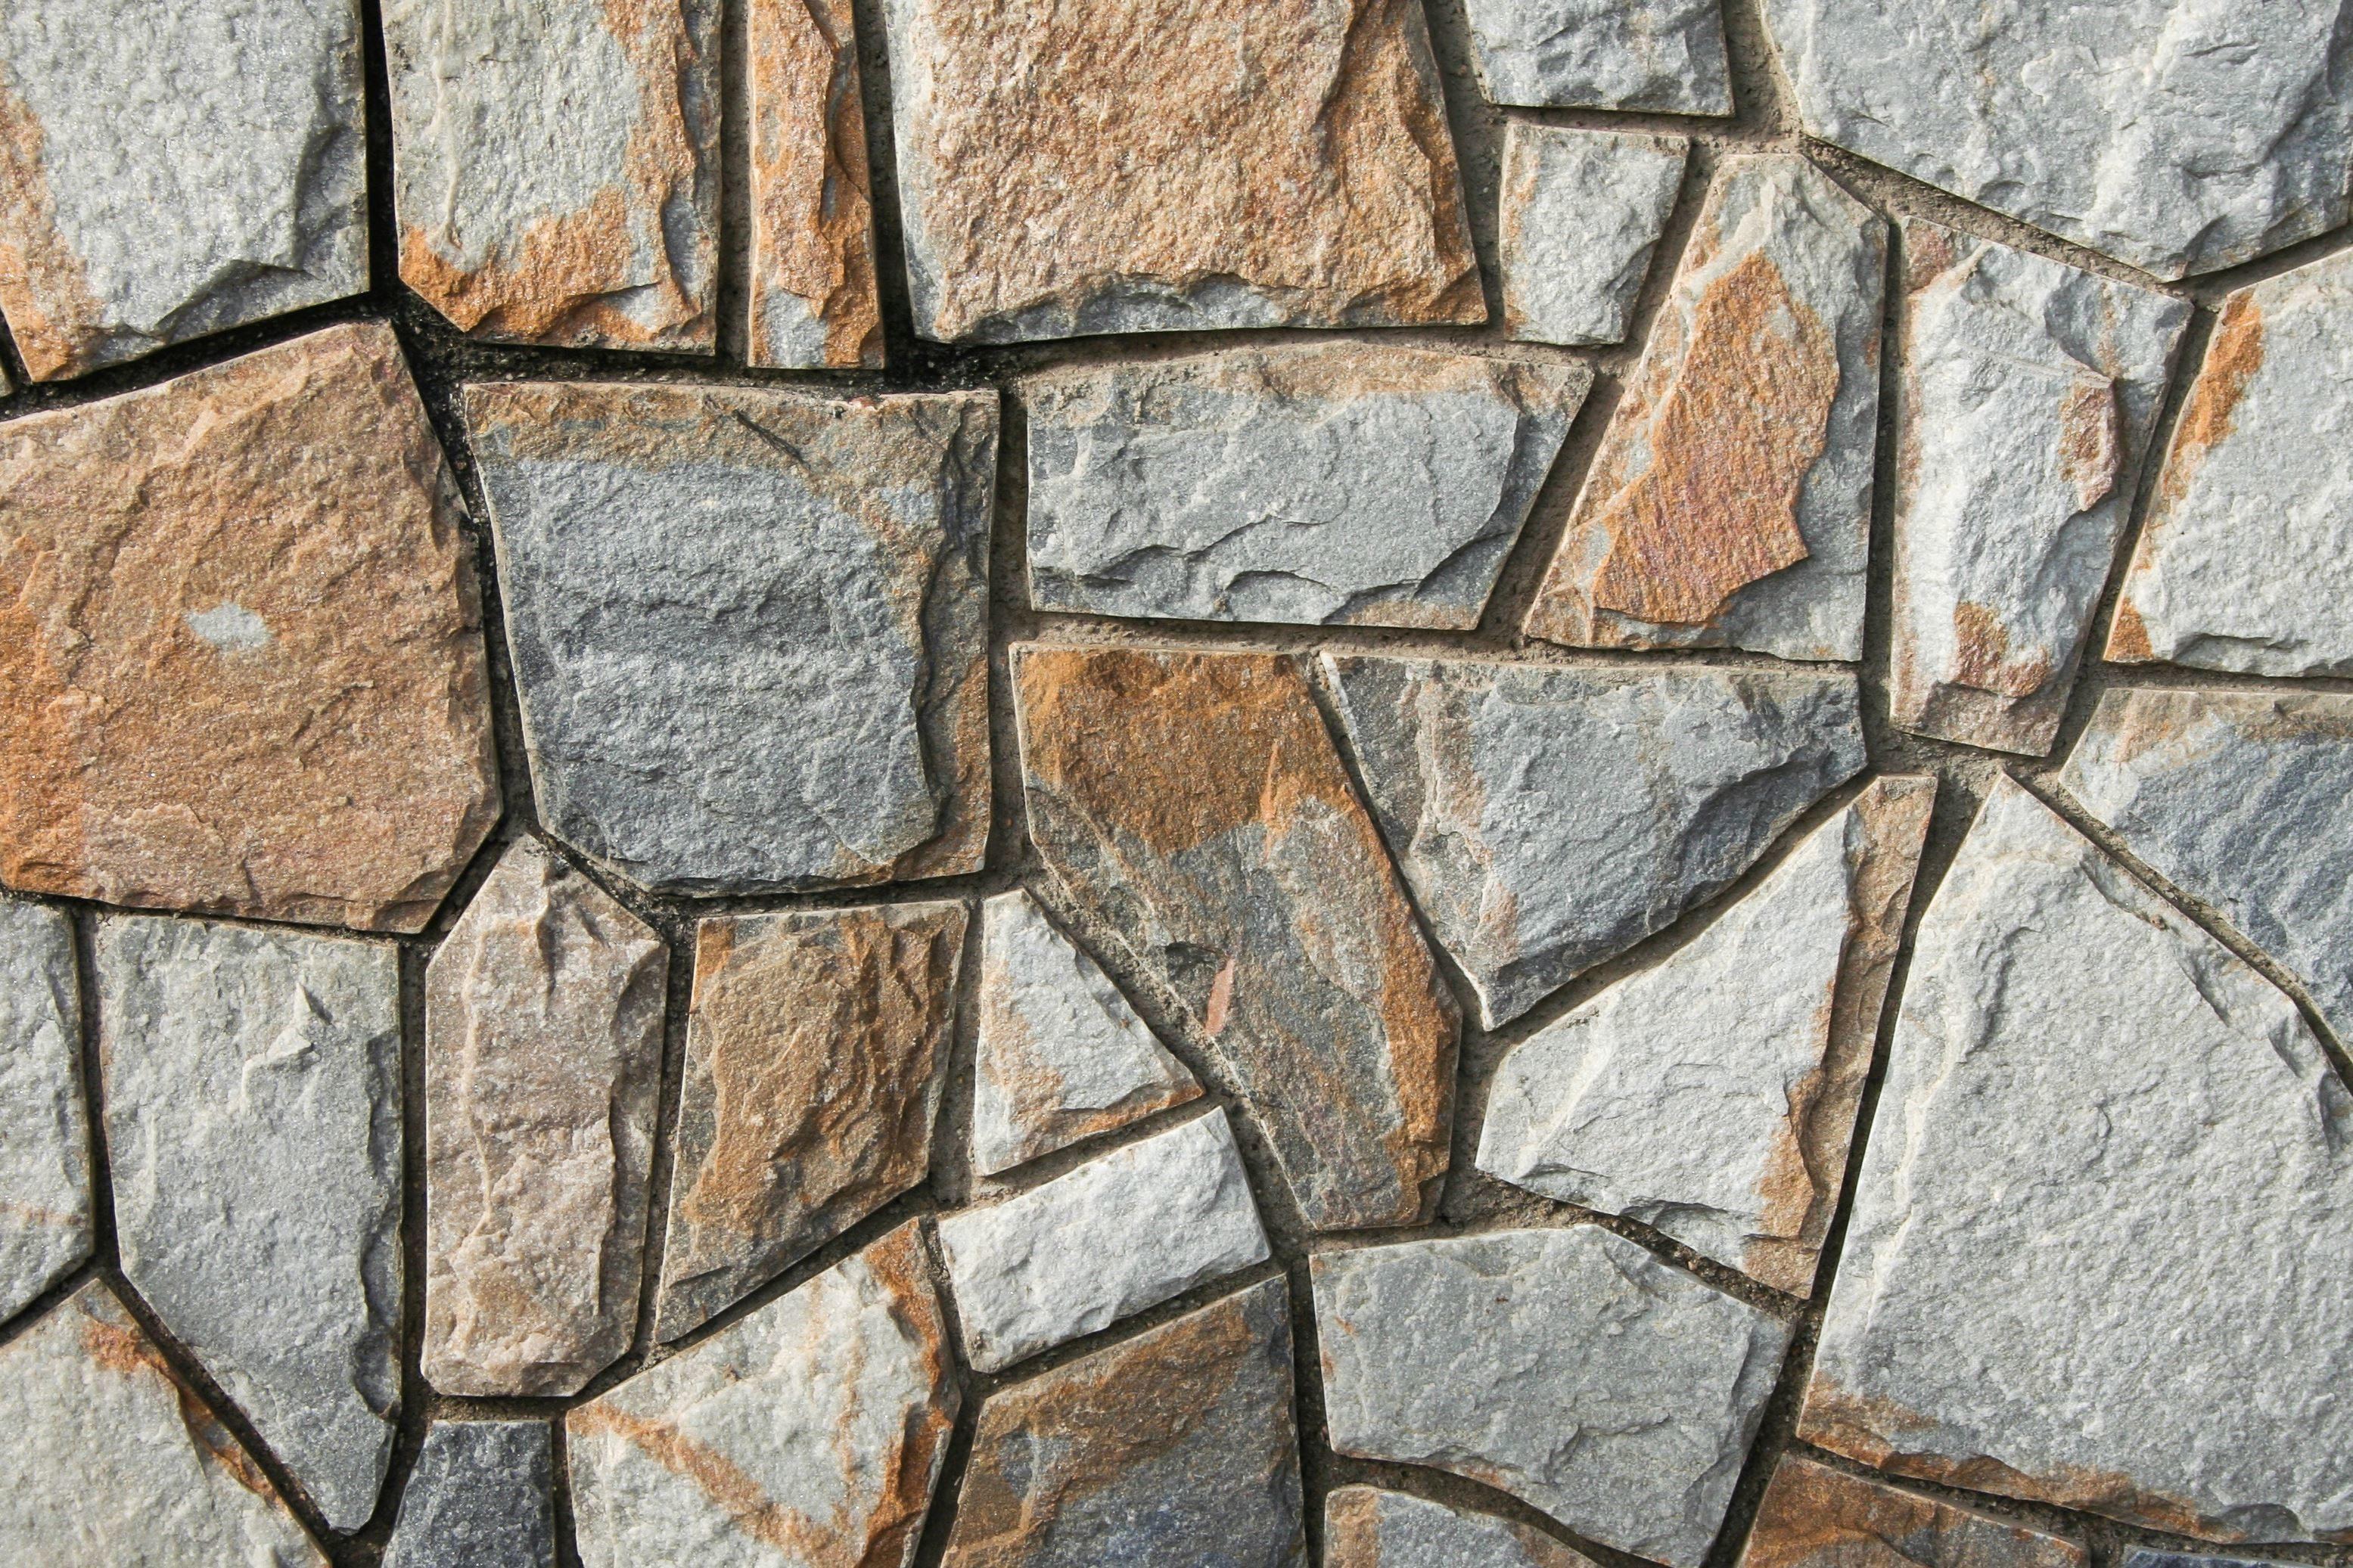 Foto gratis: parete piastrella tessitura pietra materiale struttura